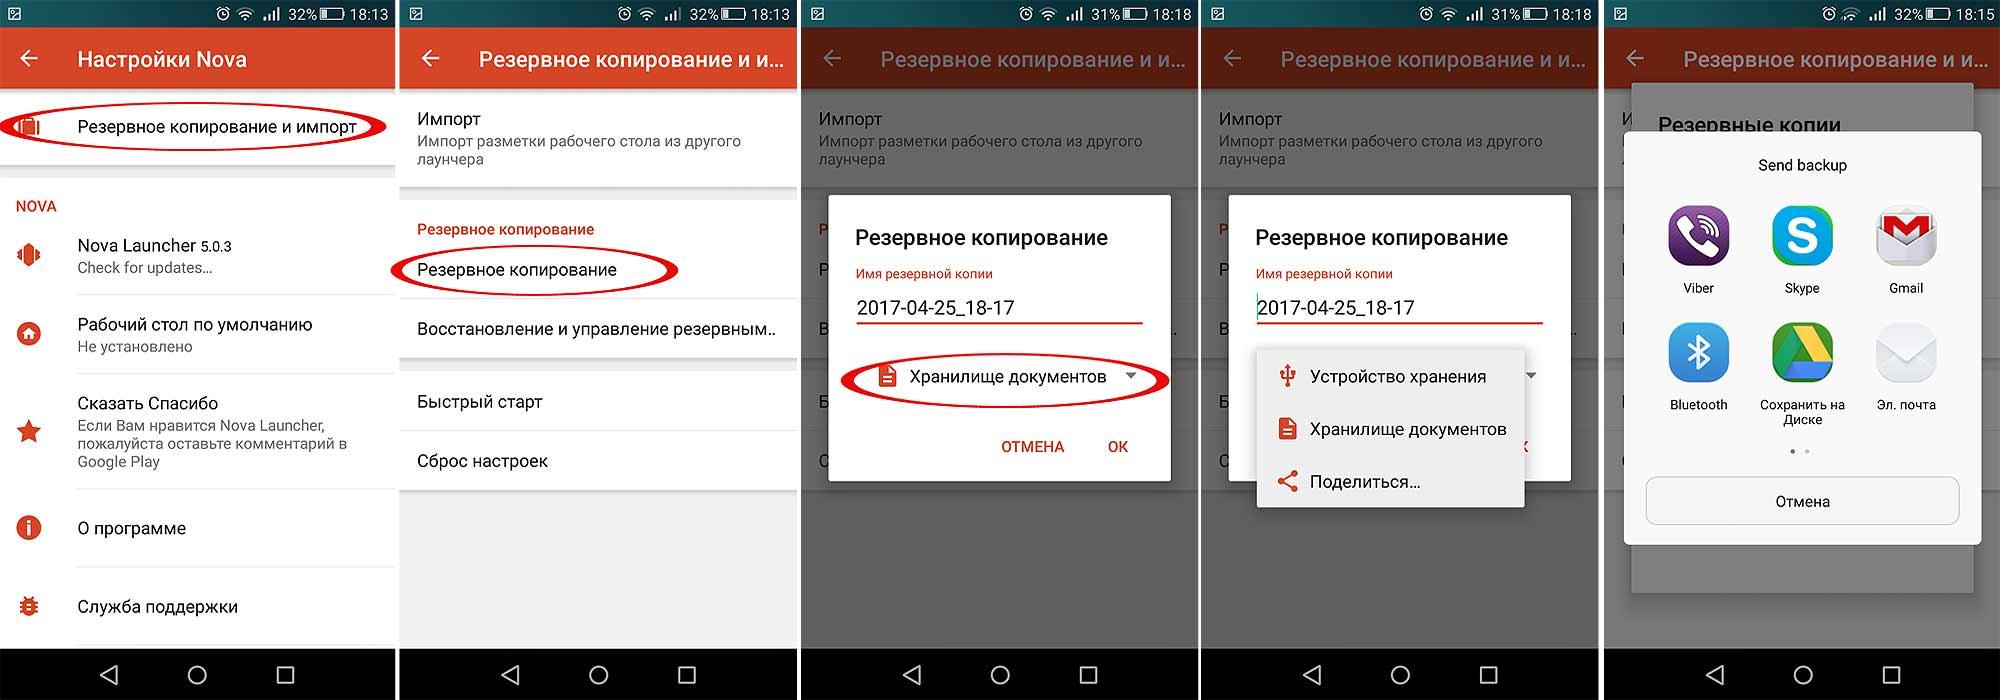 Забэкапить Android-лаунчер: как и зачем это делается - #NovaLaucher